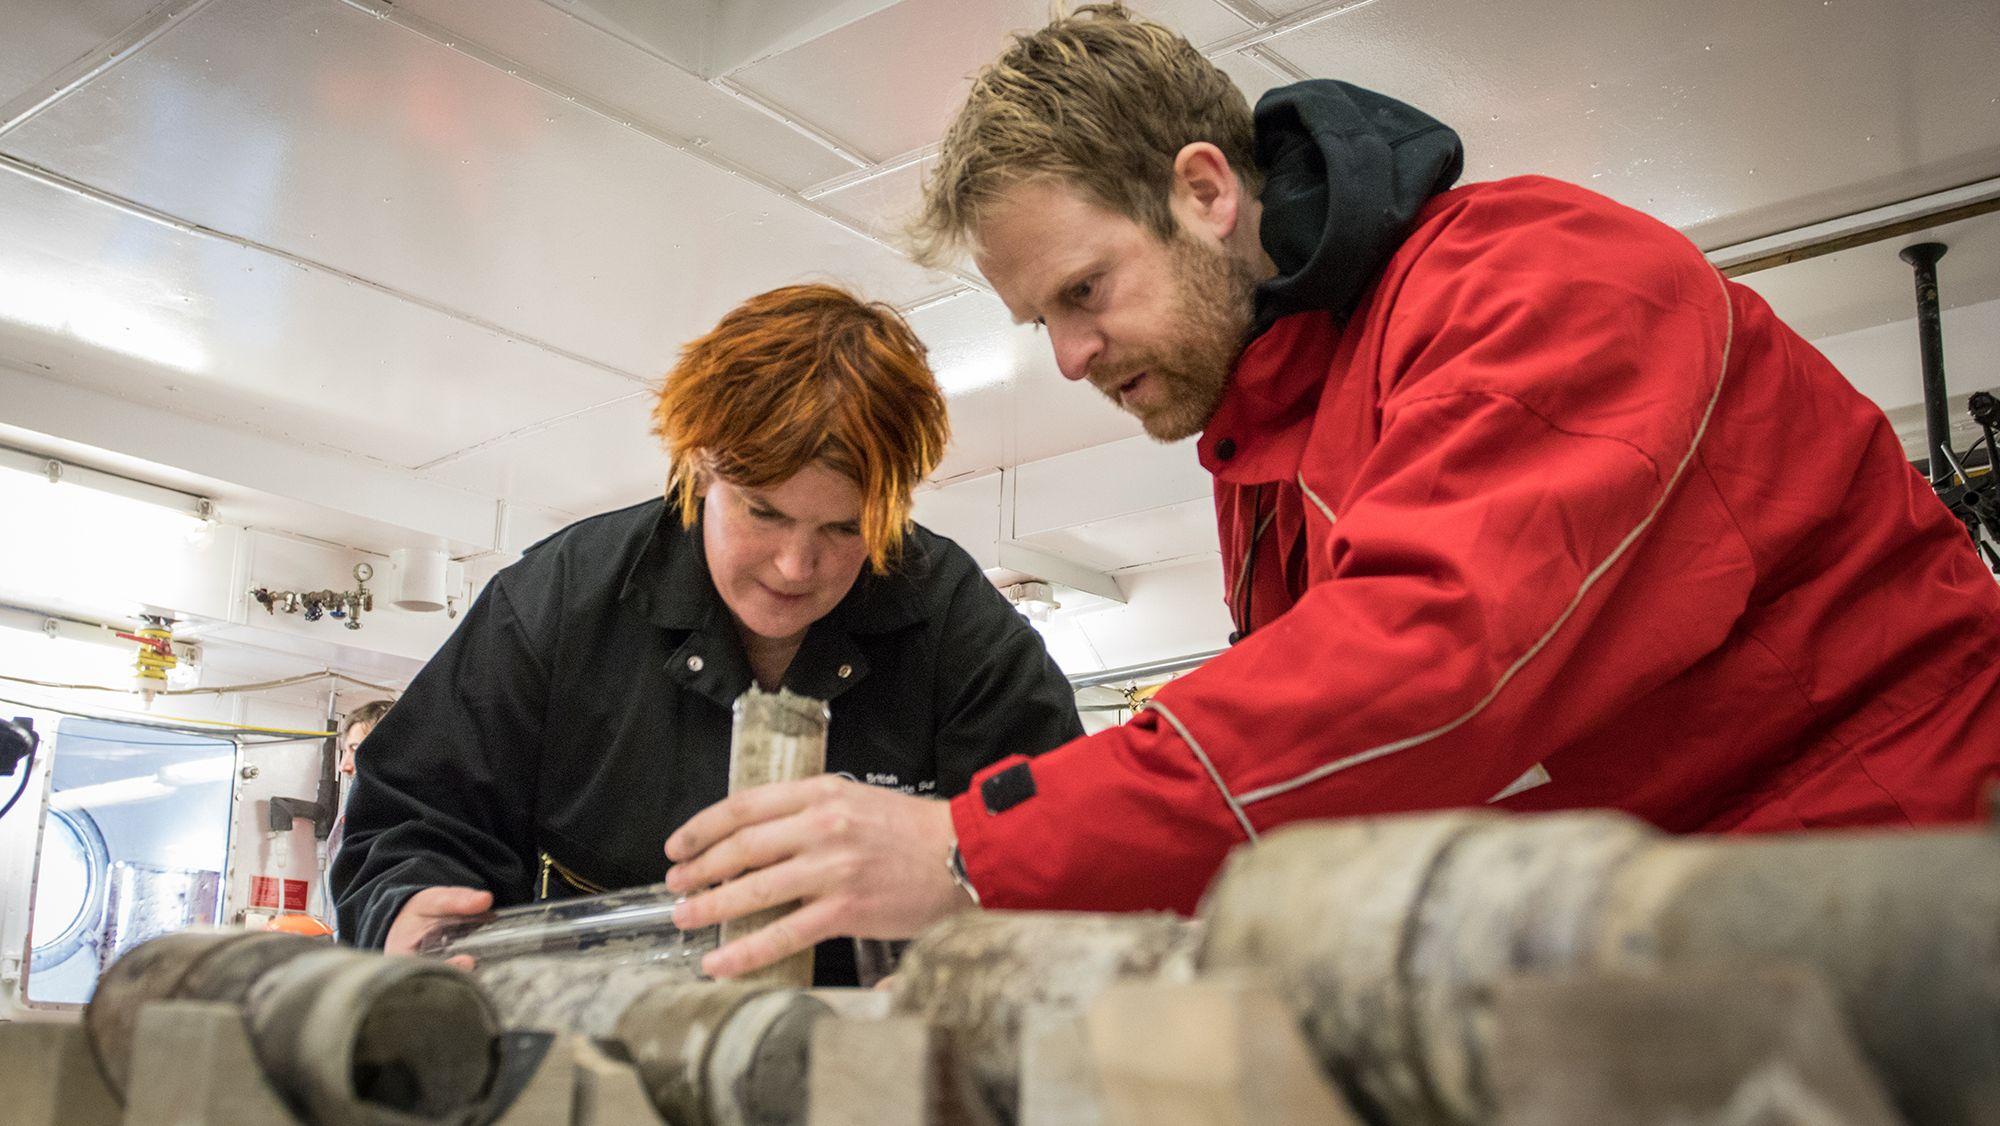 Die Geologen Johann P. Klages (AWI) und Tina van de Flierdt (Imperial College London) versuchen Sediment aus den Kernfängern zu lösen.